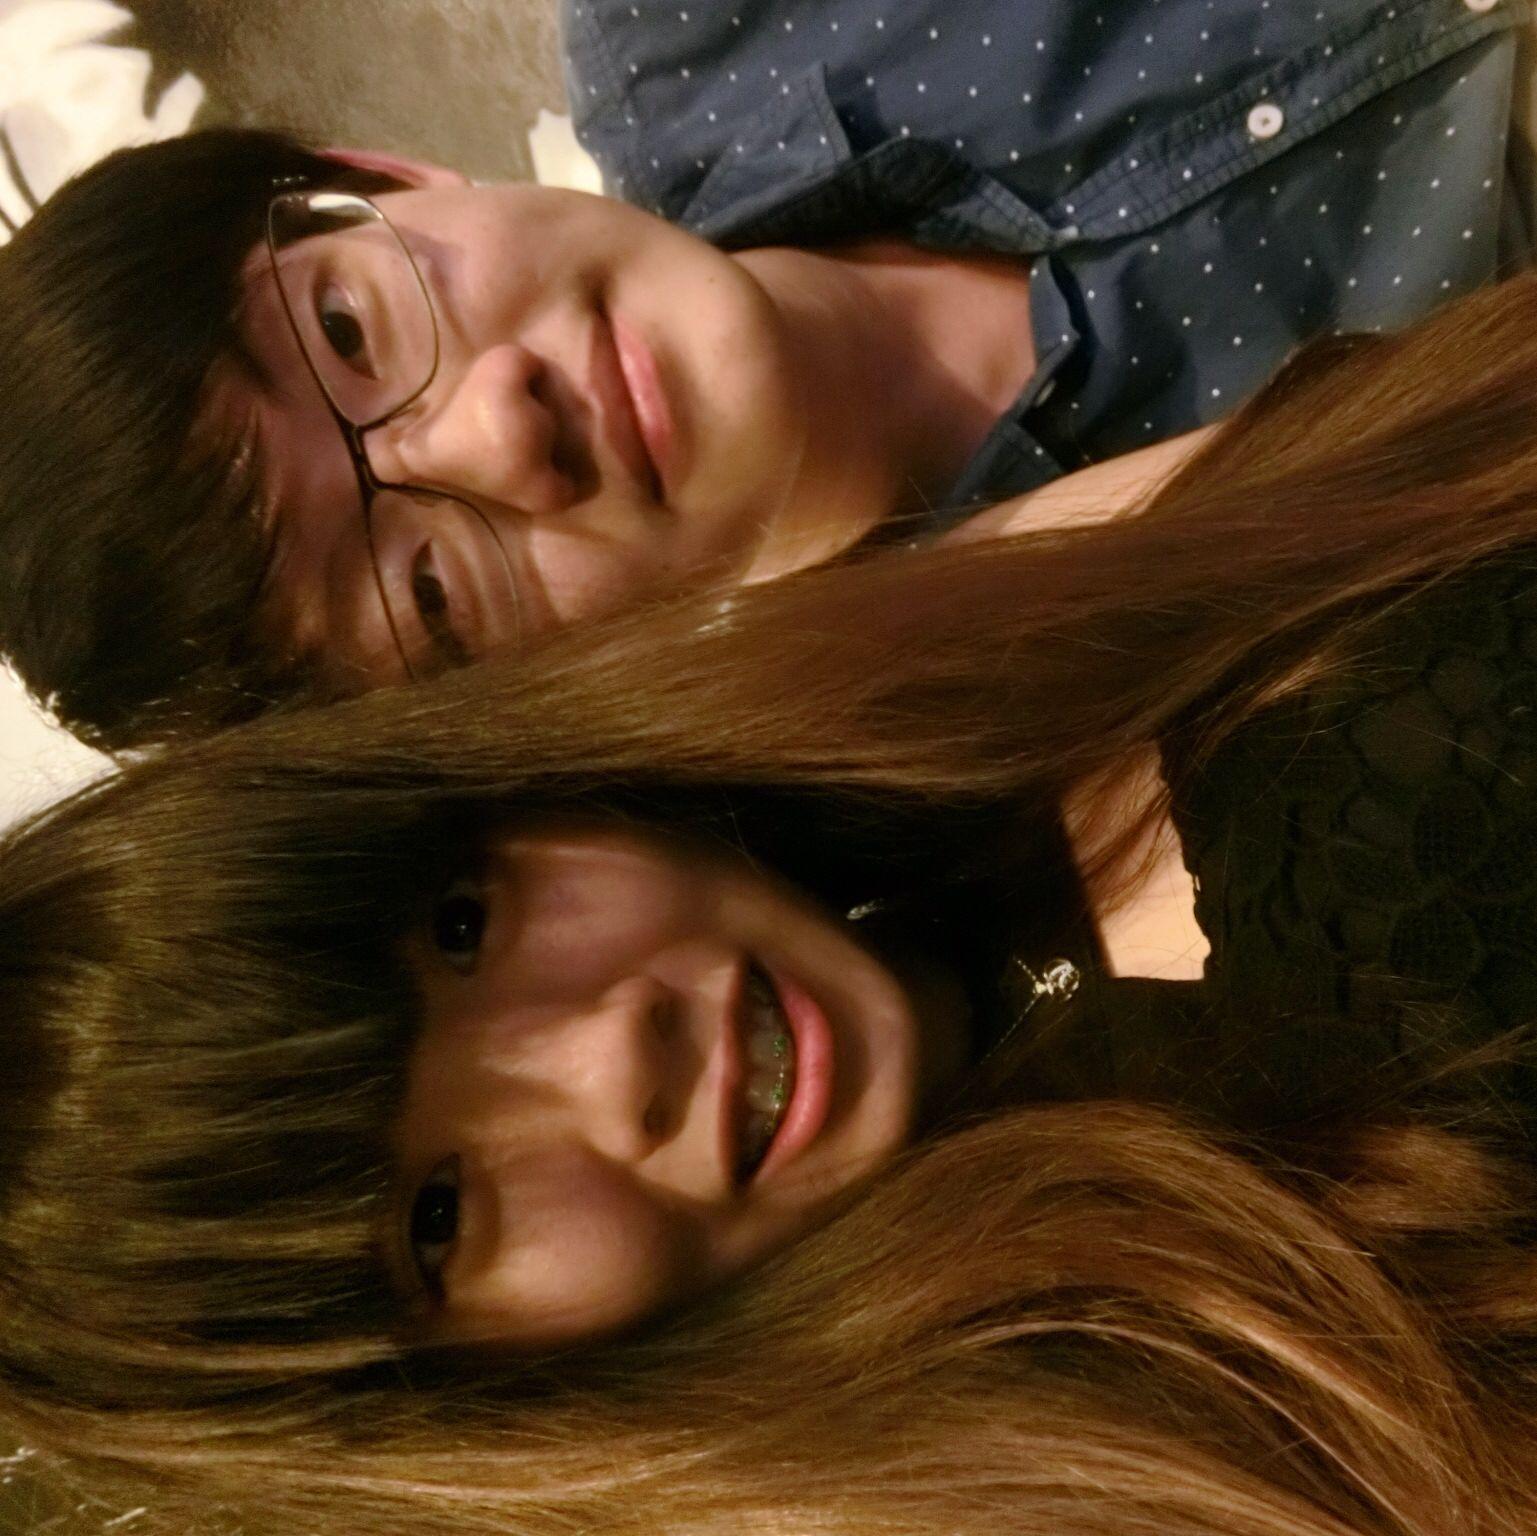 xiaogui15